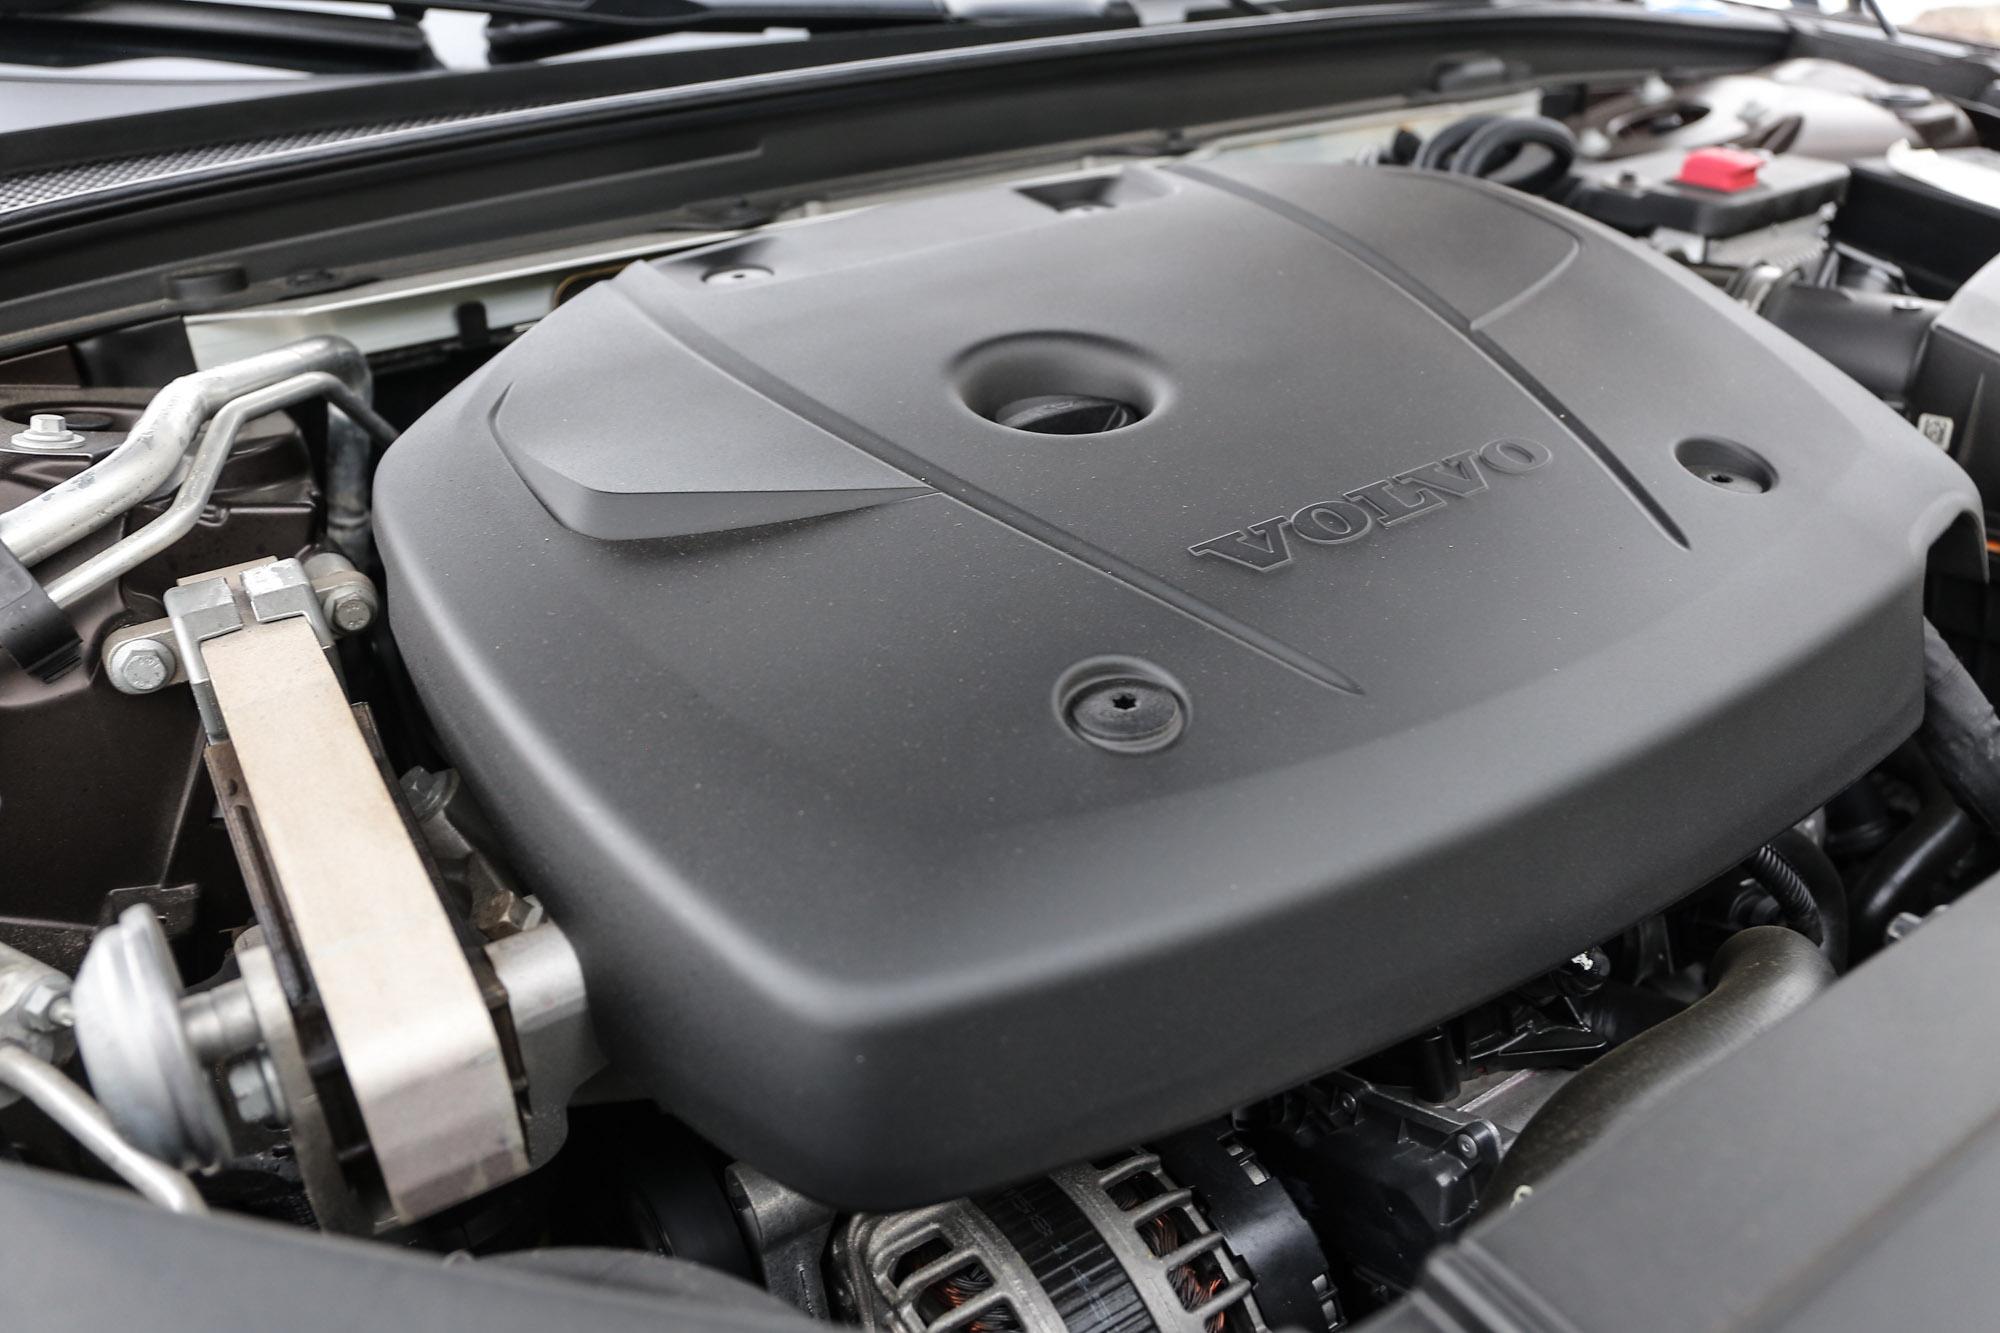 搭載 2.0 升渦輪增壓汽油引擎,具備320hp/5700rpm最大馬力與 40.8kgm/2200~5400rpm 最大扭力輸出。